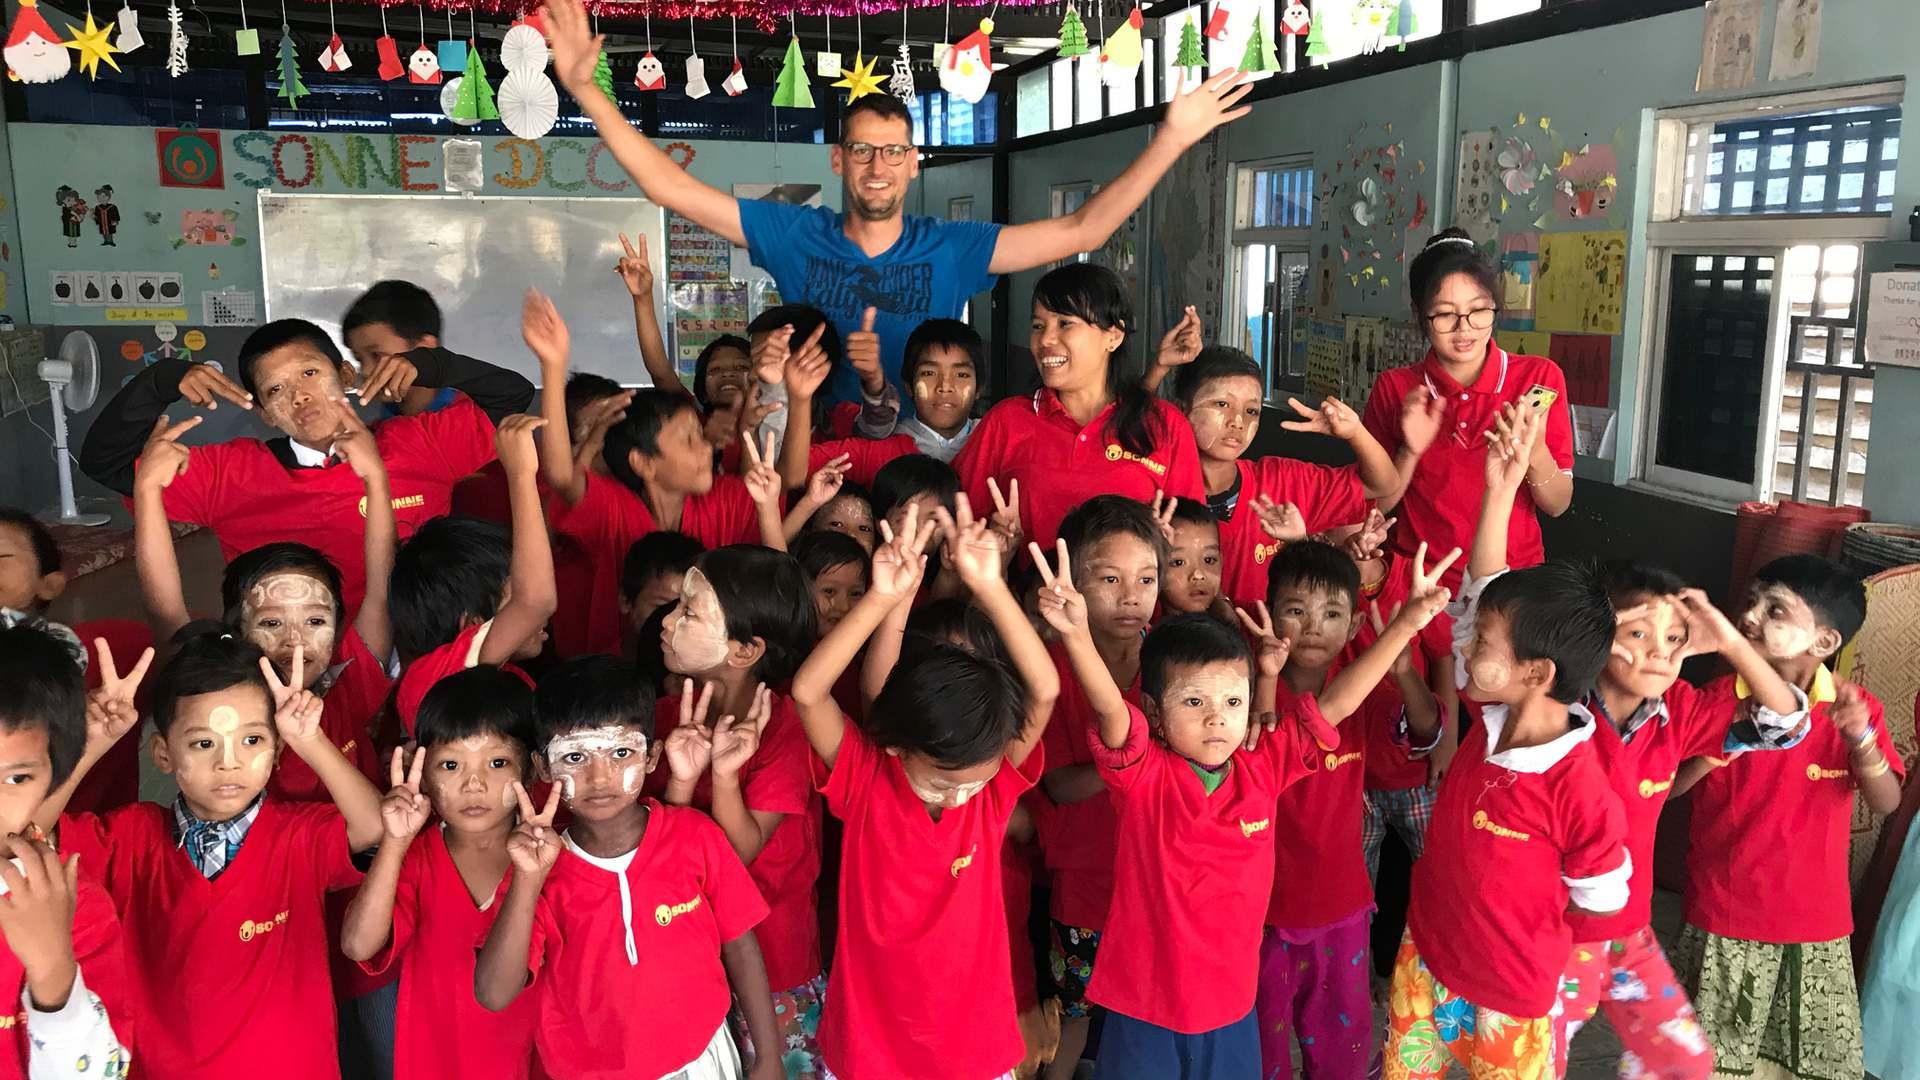 Bildung gegen Armut, In 30 SONNE-Schulen in Äthiopien, Bangladesch, Indien und Myanmar